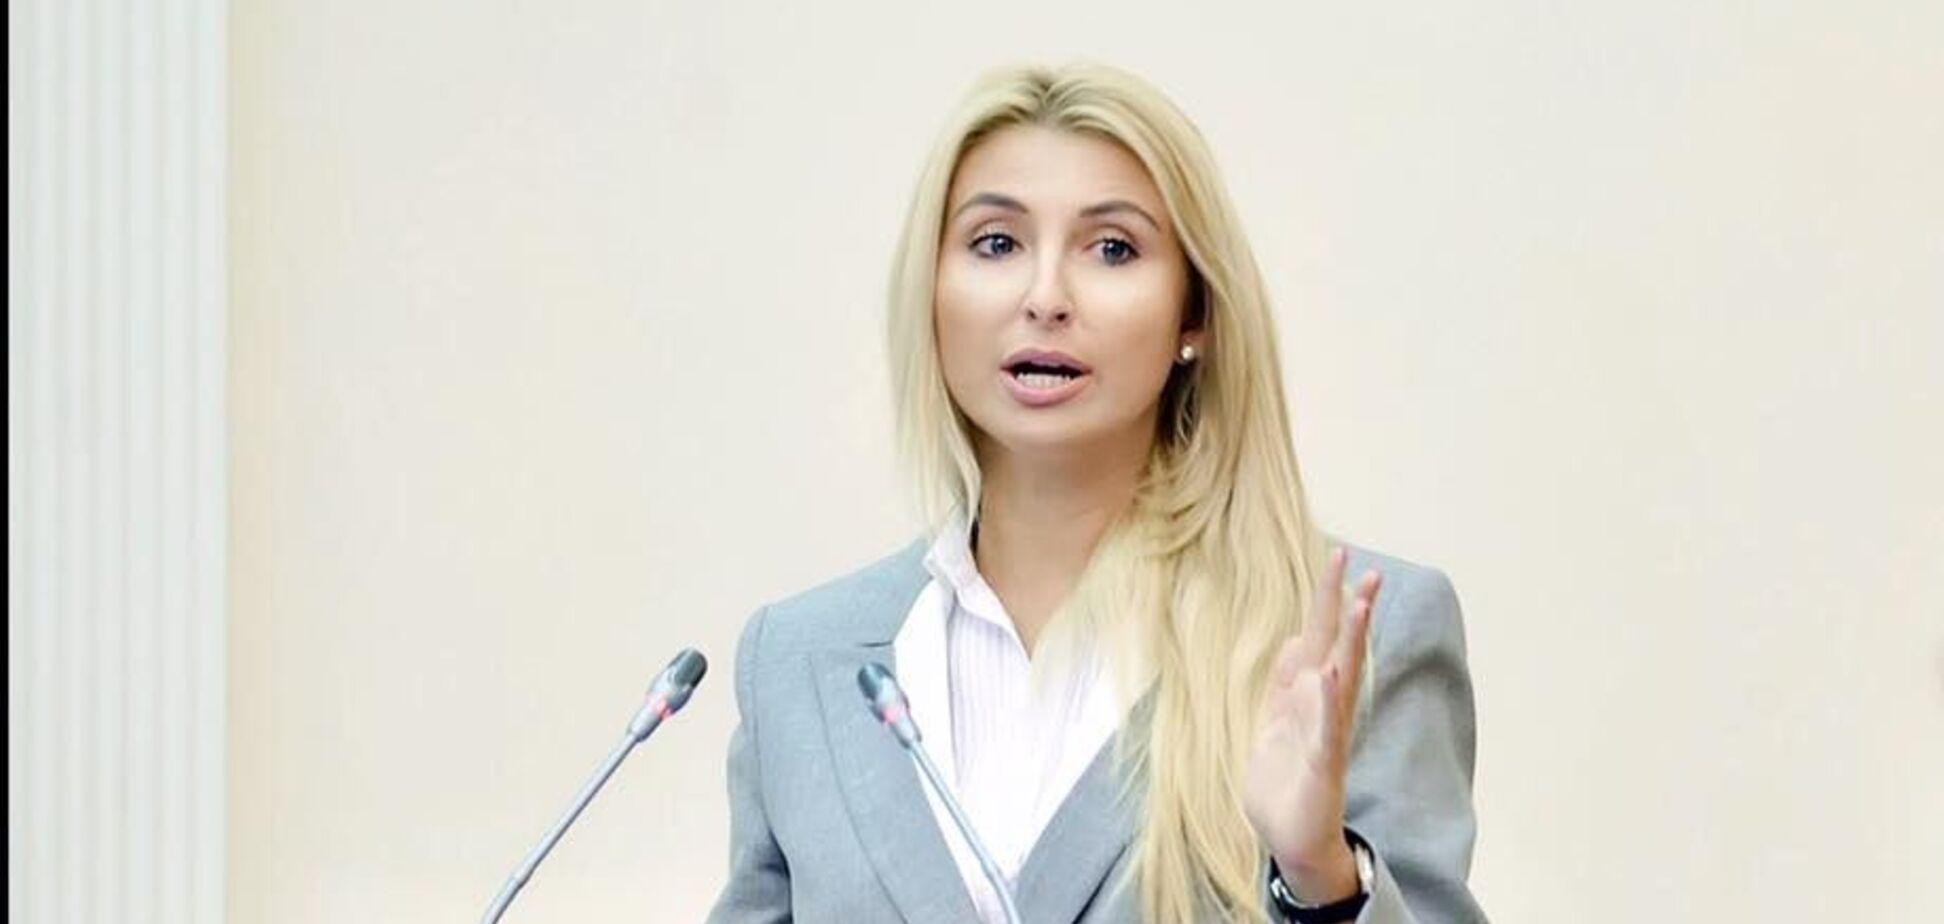 ВАКС призначив Наталії Бернацькій заставу 7 млн